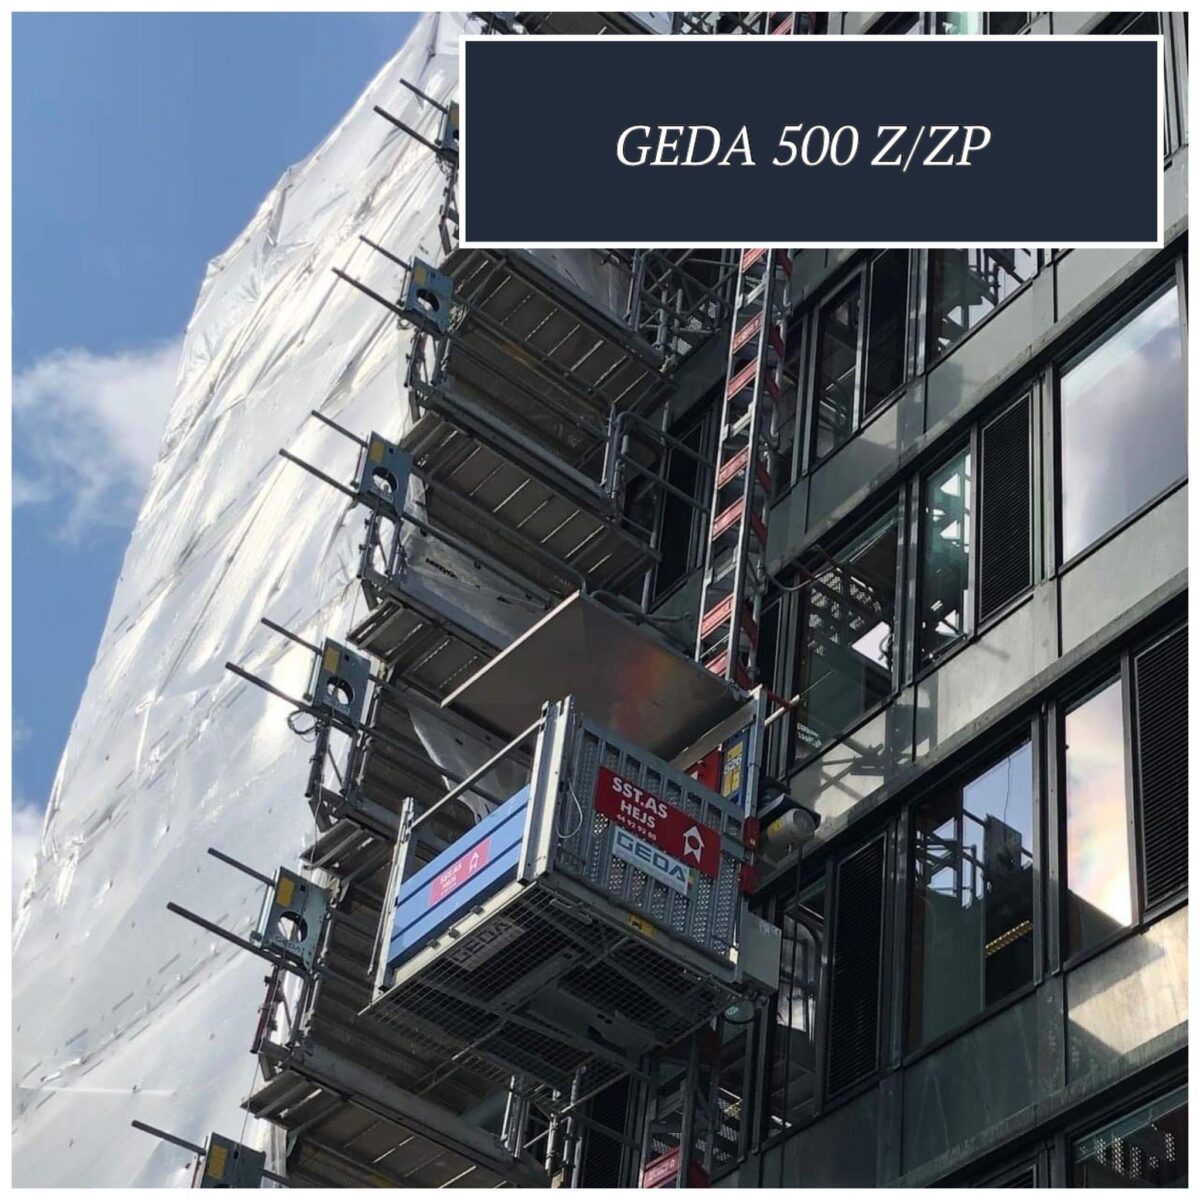 Populært hejs til byggepladser - monteres stilladset GEDA 500 Z ZP Materiale/Personhejs